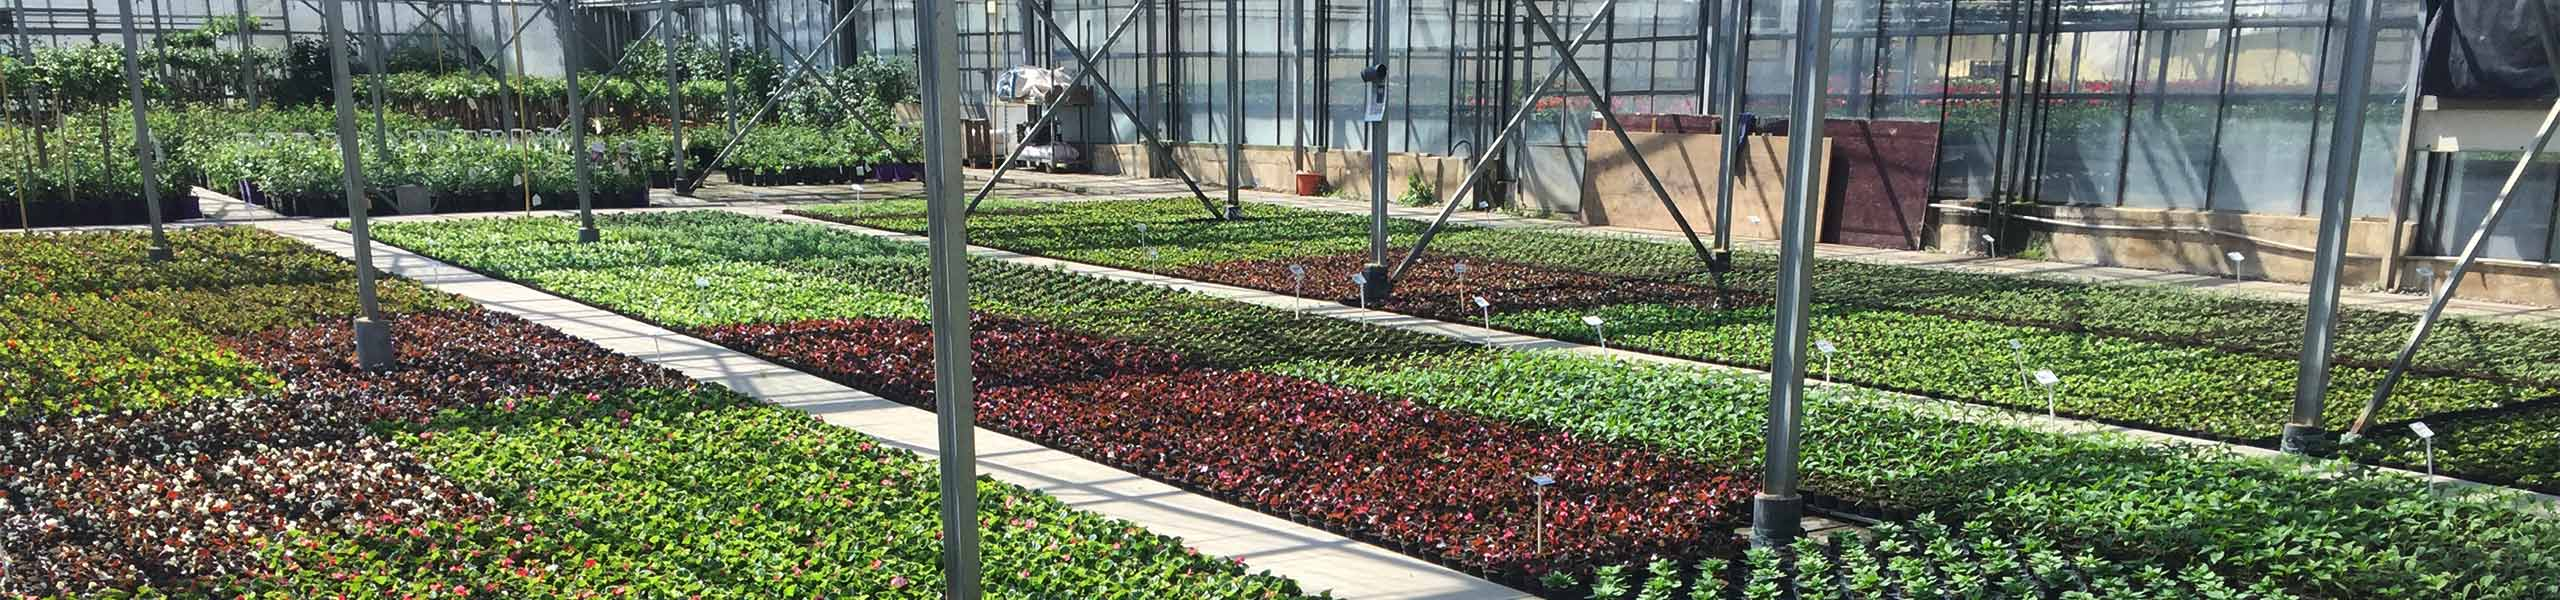 Gärtnerei der Weinsberger Rosenkulturen GbR